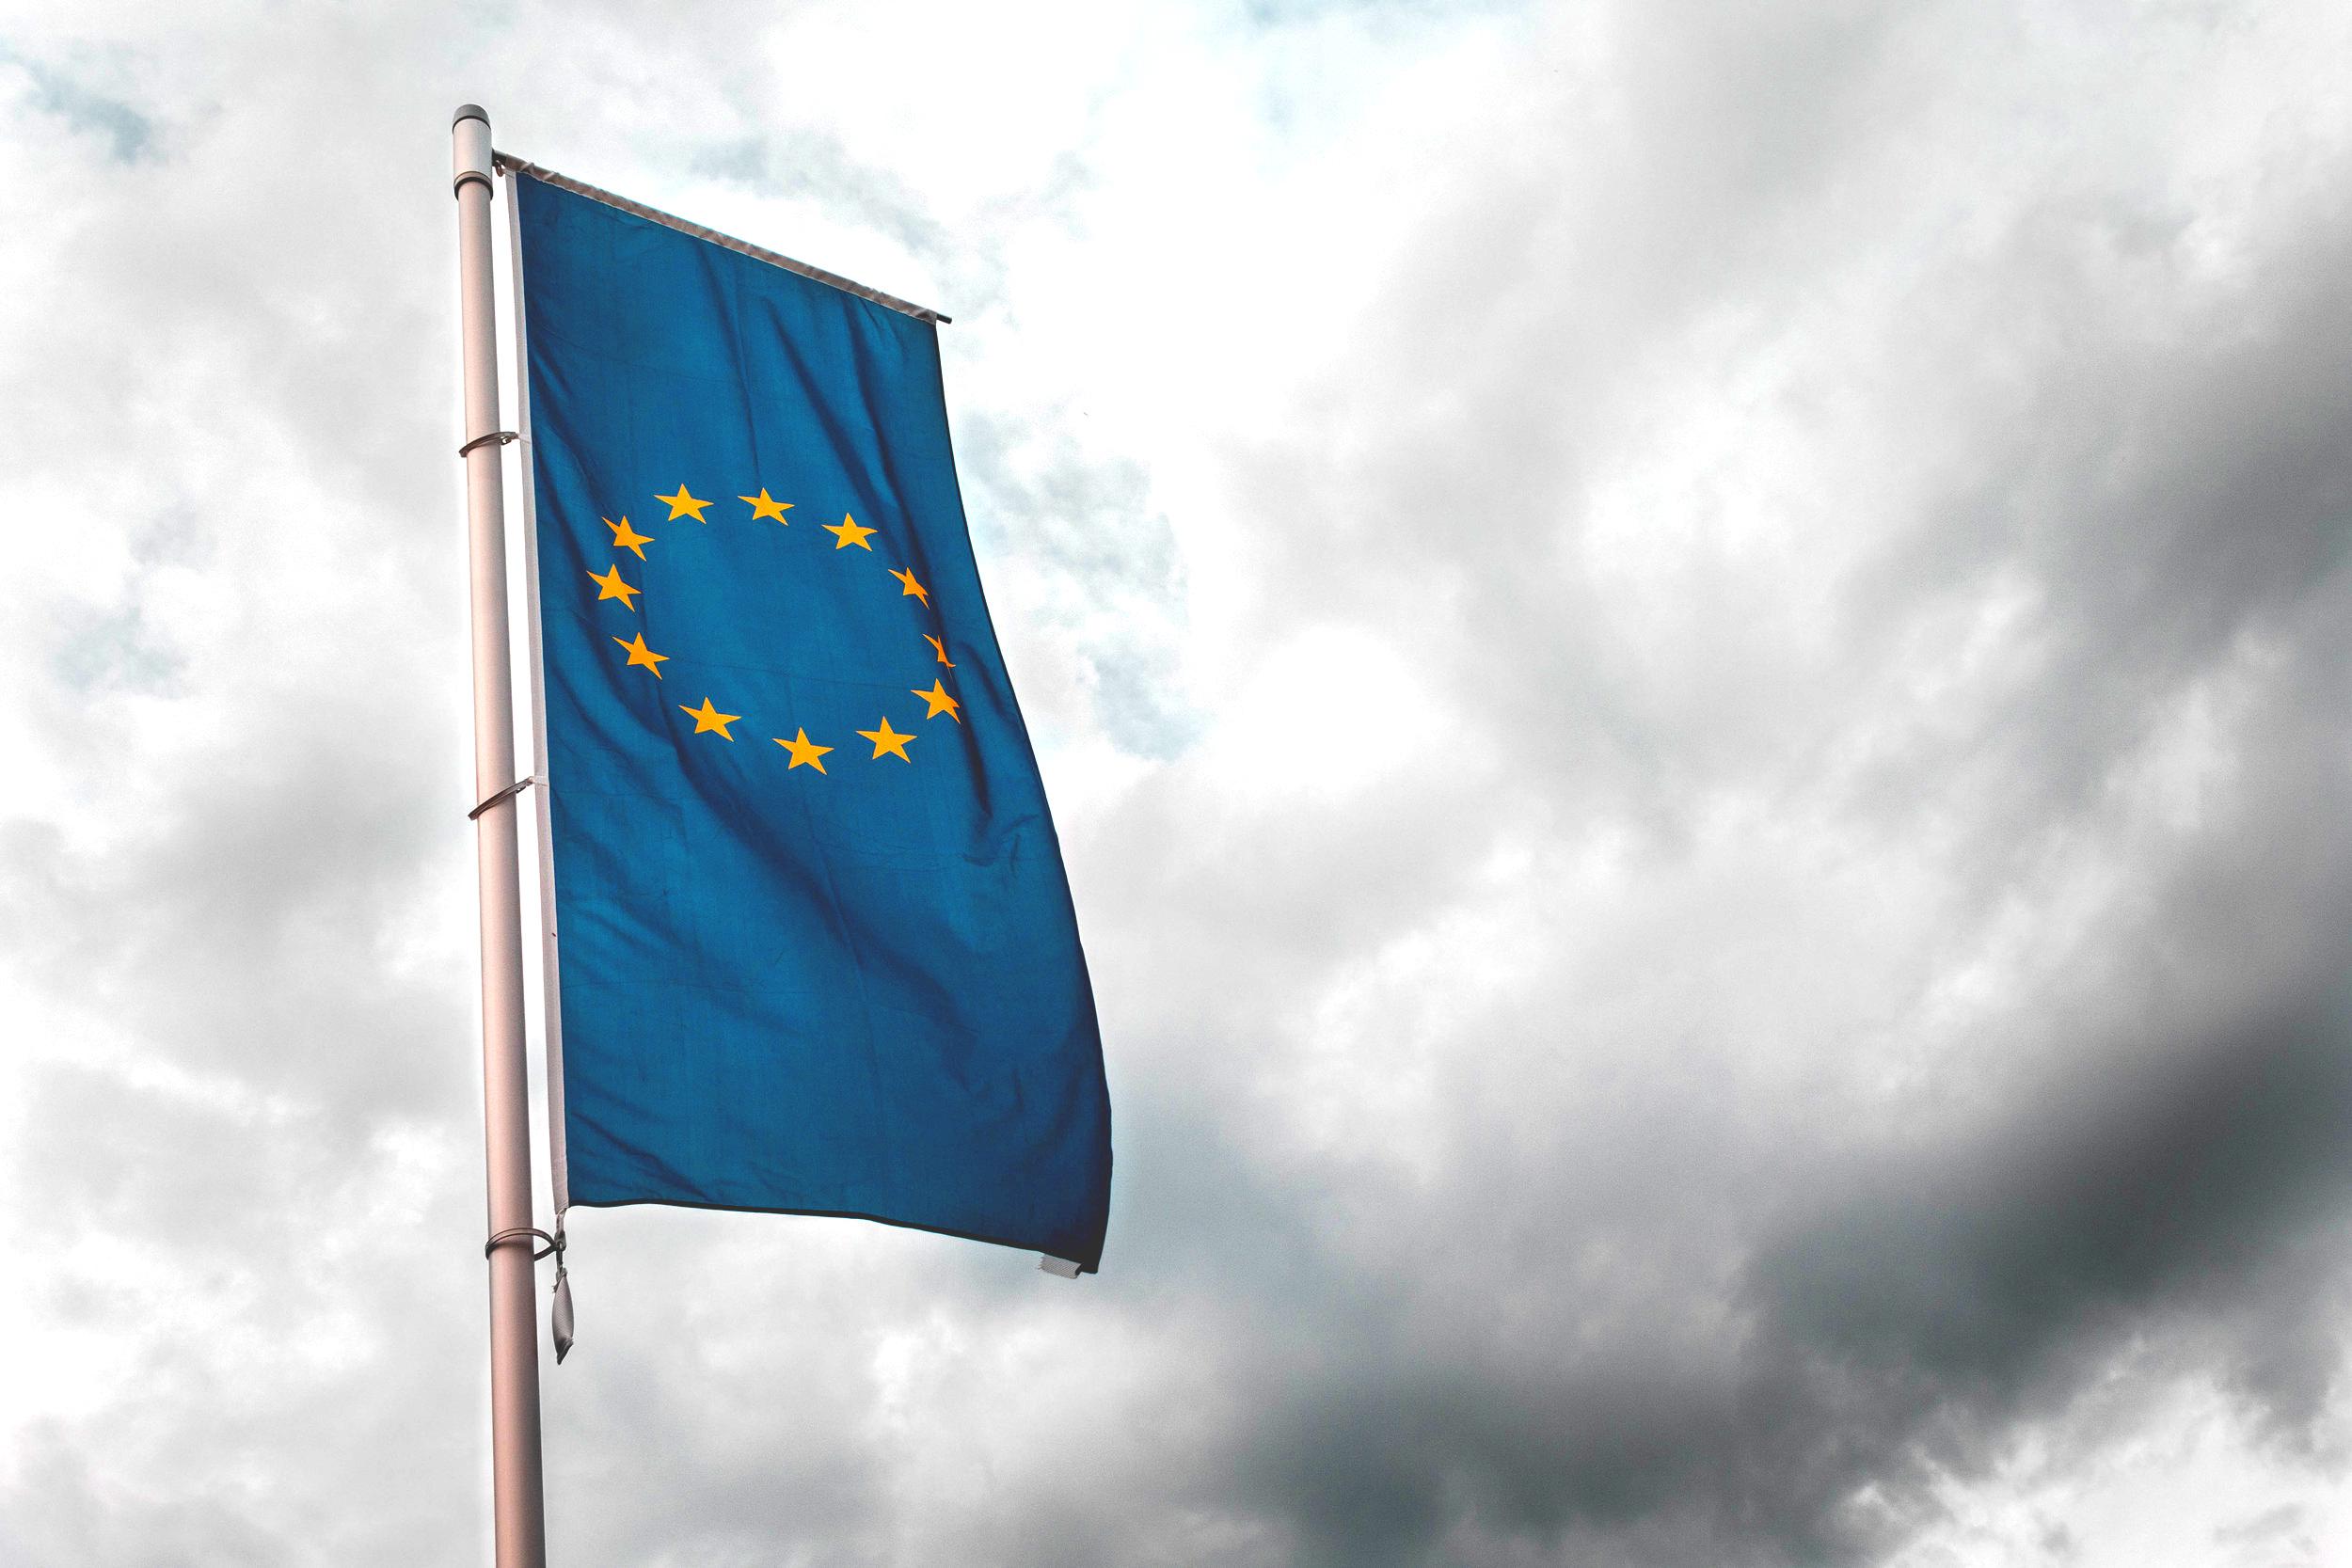 Droit de l'Union européenne — Marchés publics — concurrence - Le cabinet prodigue également ses conseils et son assistance en droit de l'Union européenne, droit des marchés publics (aide à la passation, exécution, résolution) et en droit de la concurrence (pratiques anticoncurrentielles, aides d'Etat, concentrations).